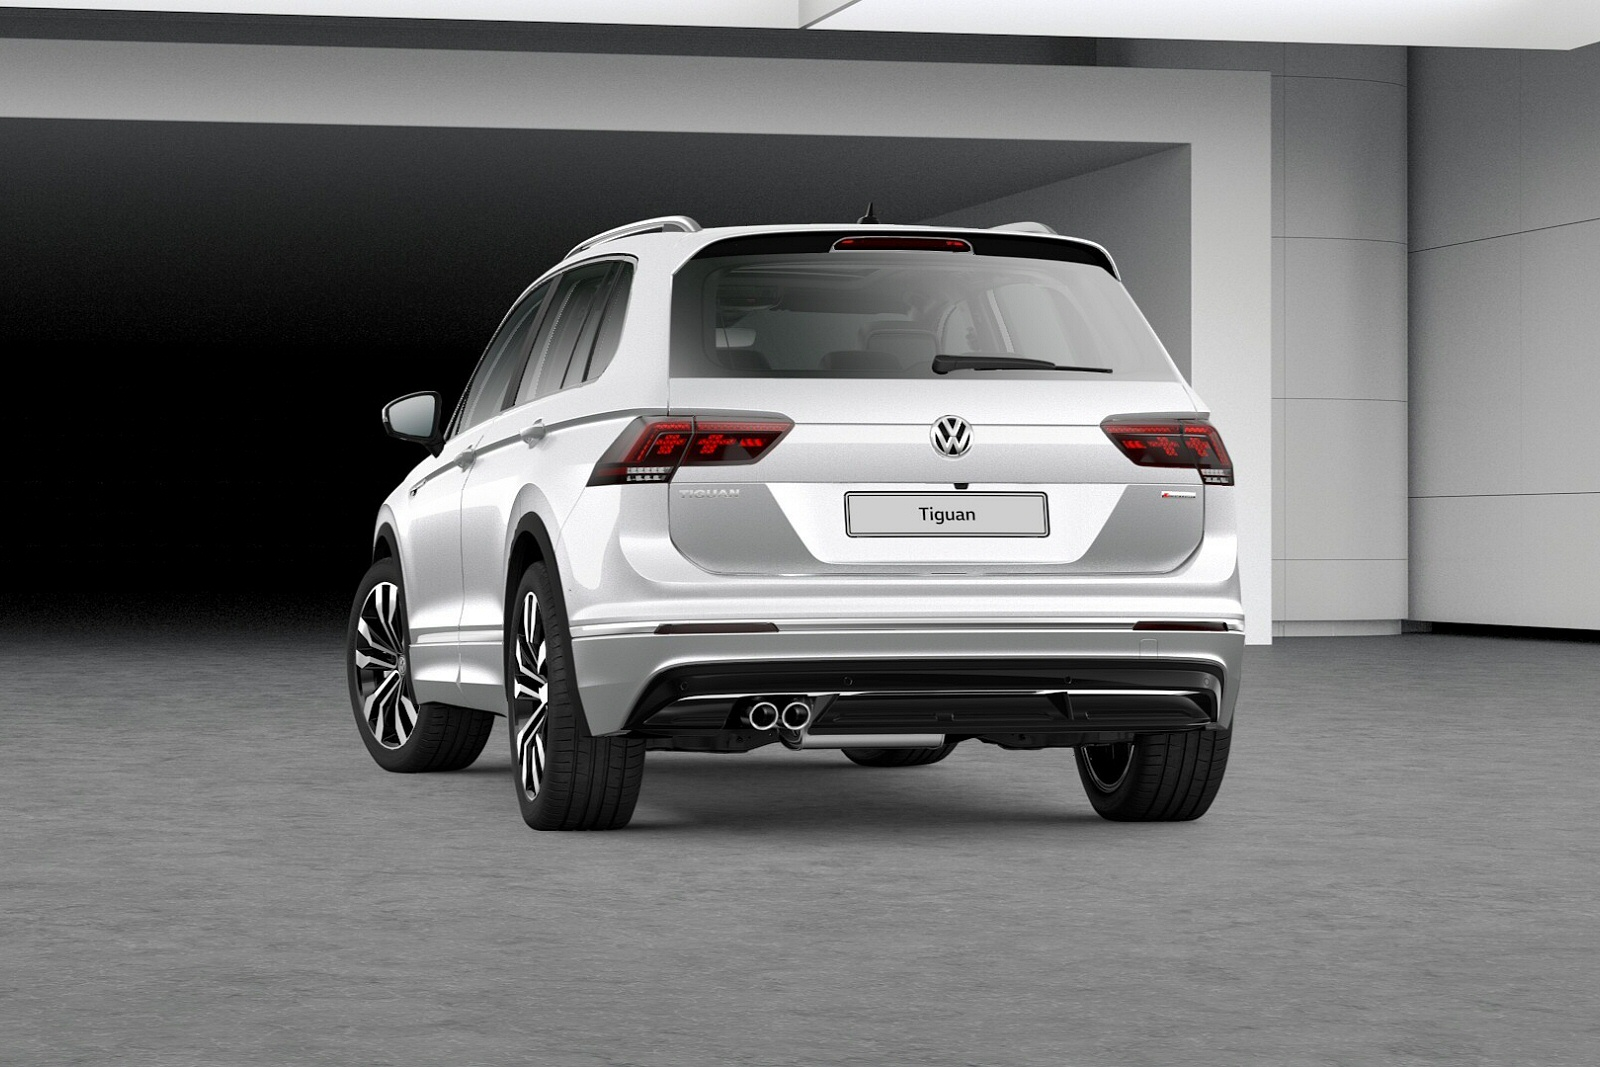 VolkswagenTiguan0119(4)